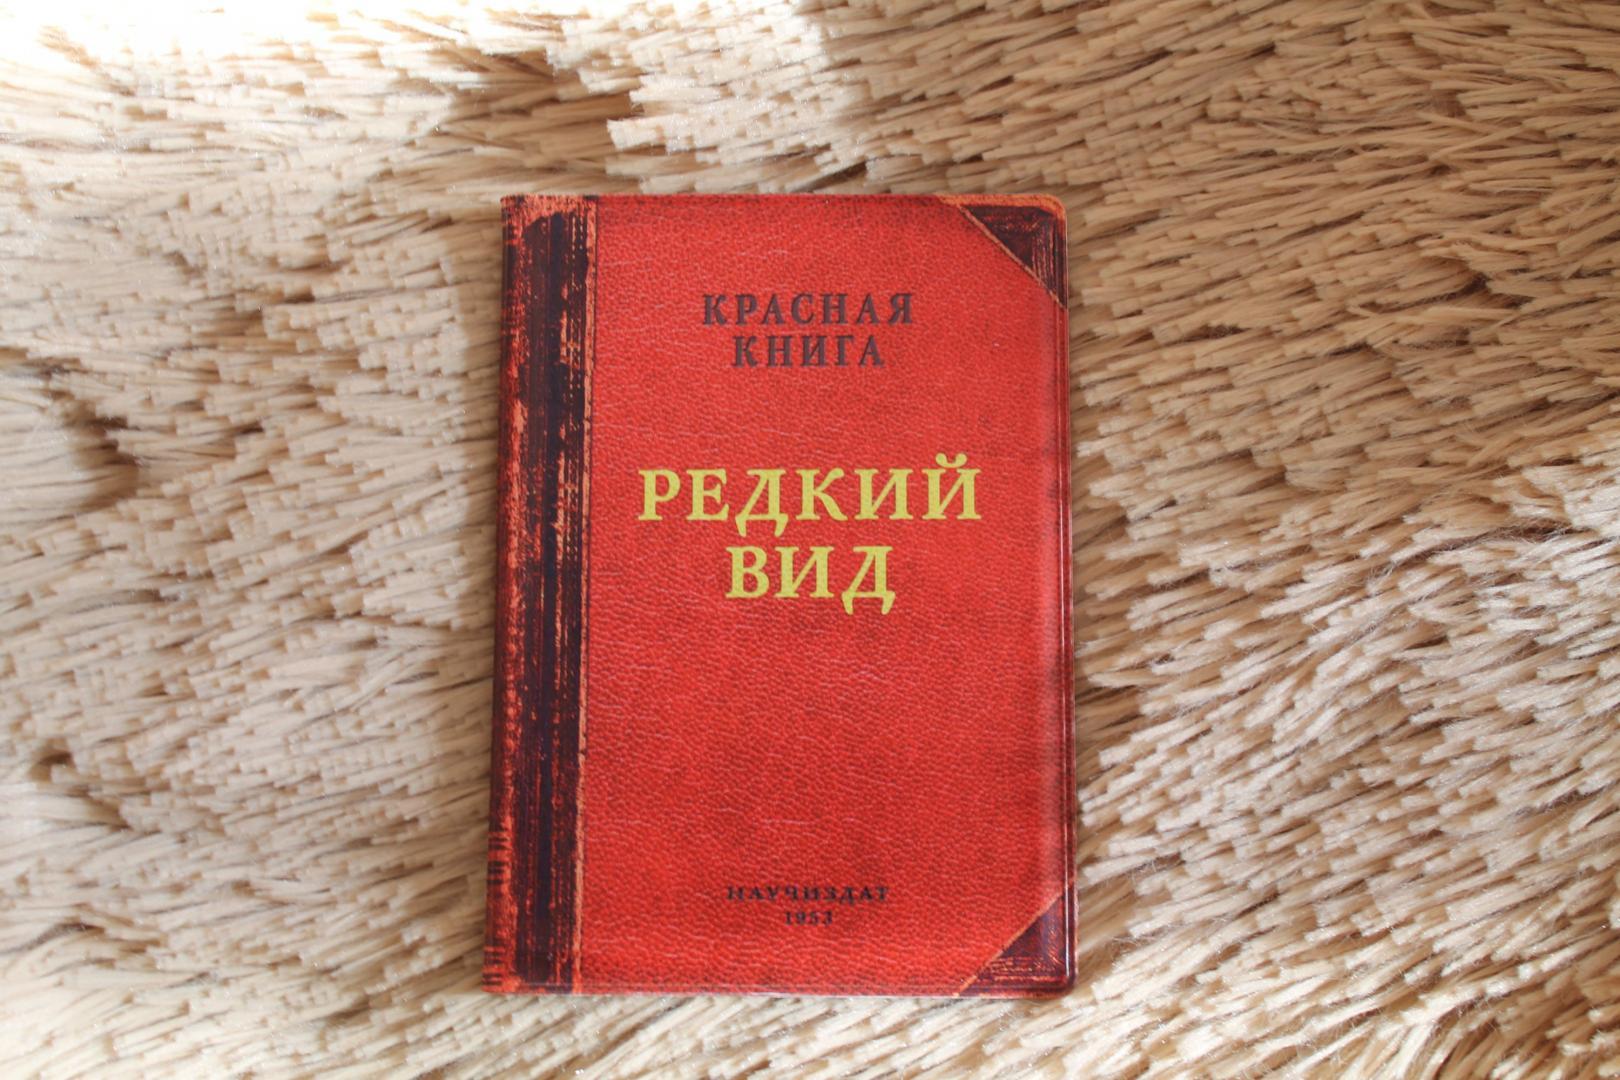 Впервые за 20 лет в Северной Осетии переиздадут республиканскую Красную книгу